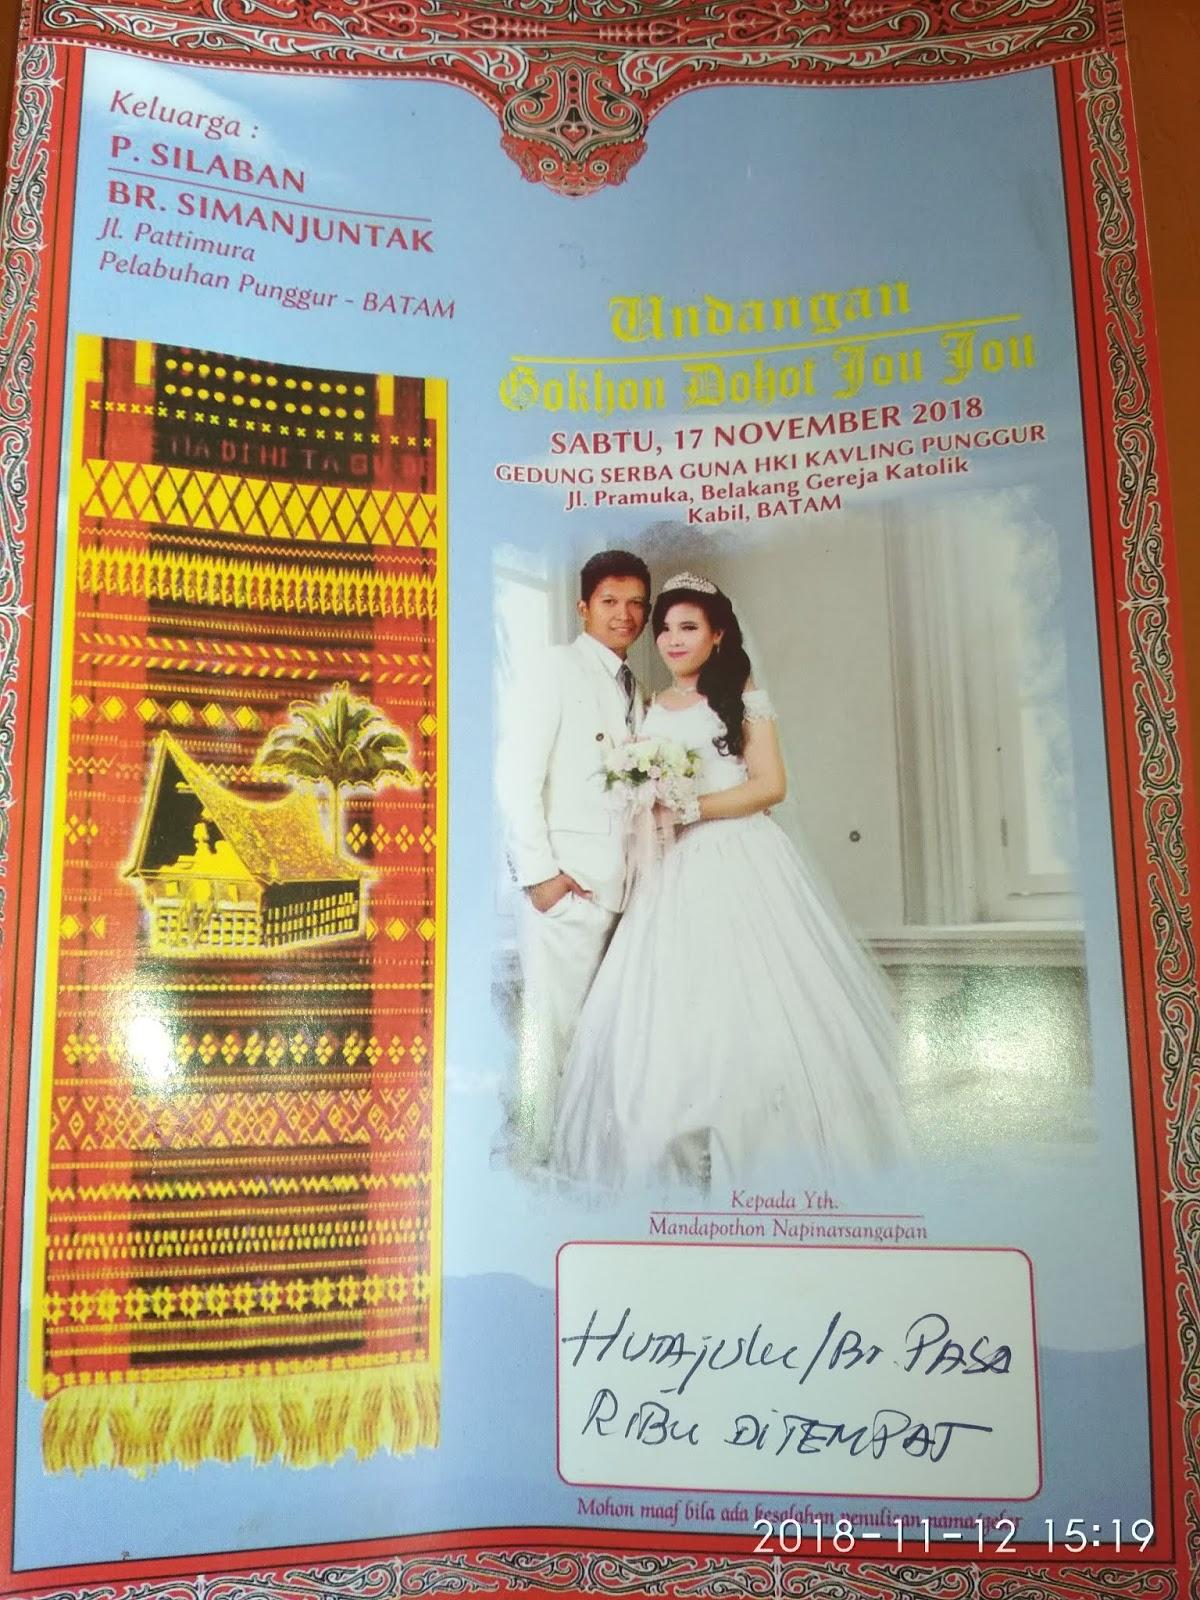 Contoh Isi Surat Undangan Pernikahan Versi Bahasa Batak Dan Bagian